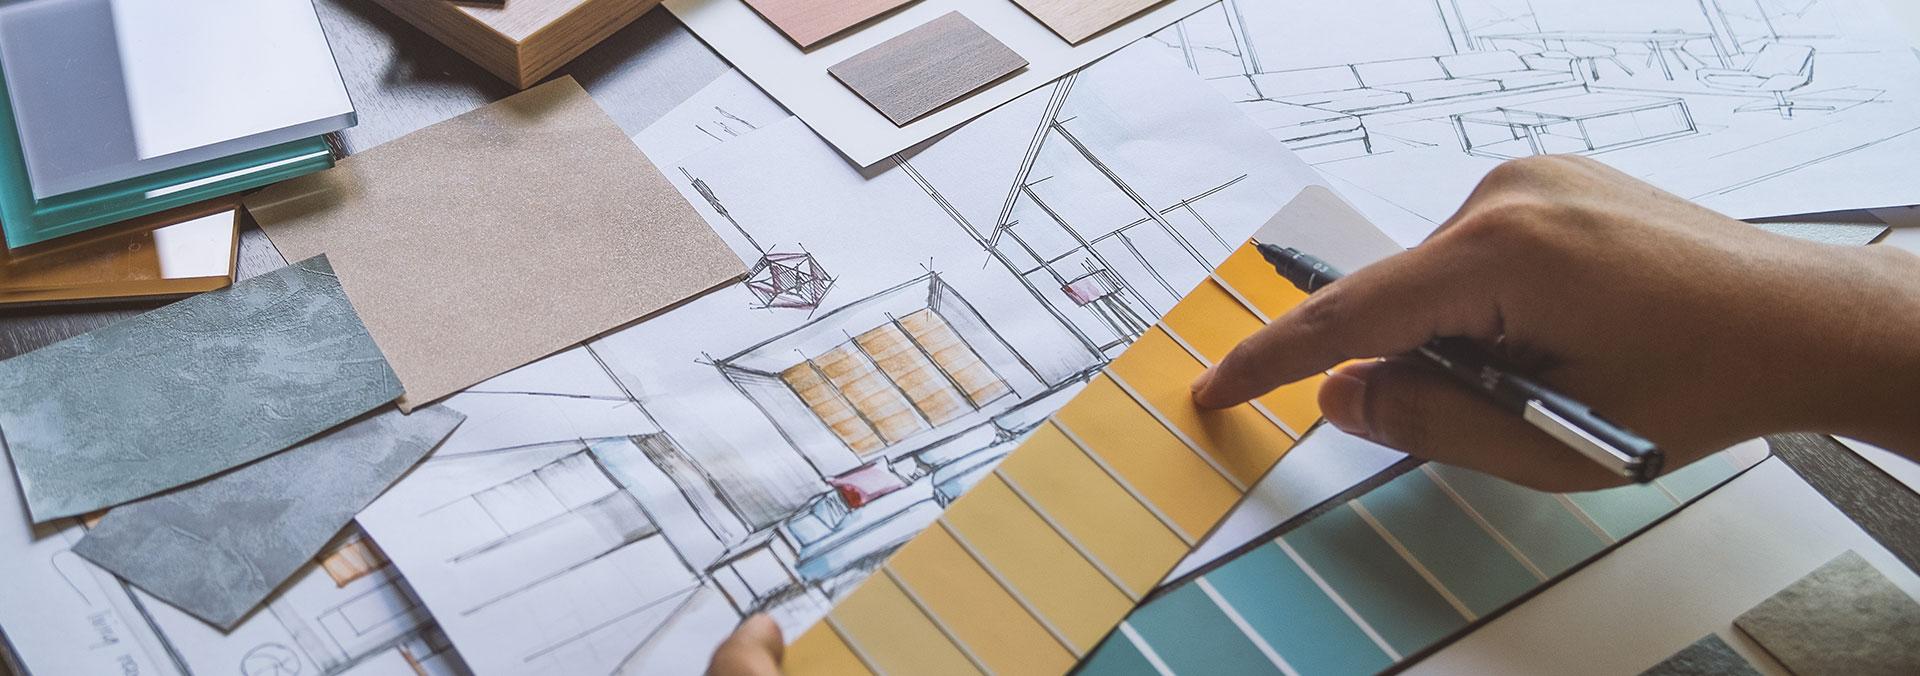 İç Mimarlık ve çevre Tasarımı (İngilizce)